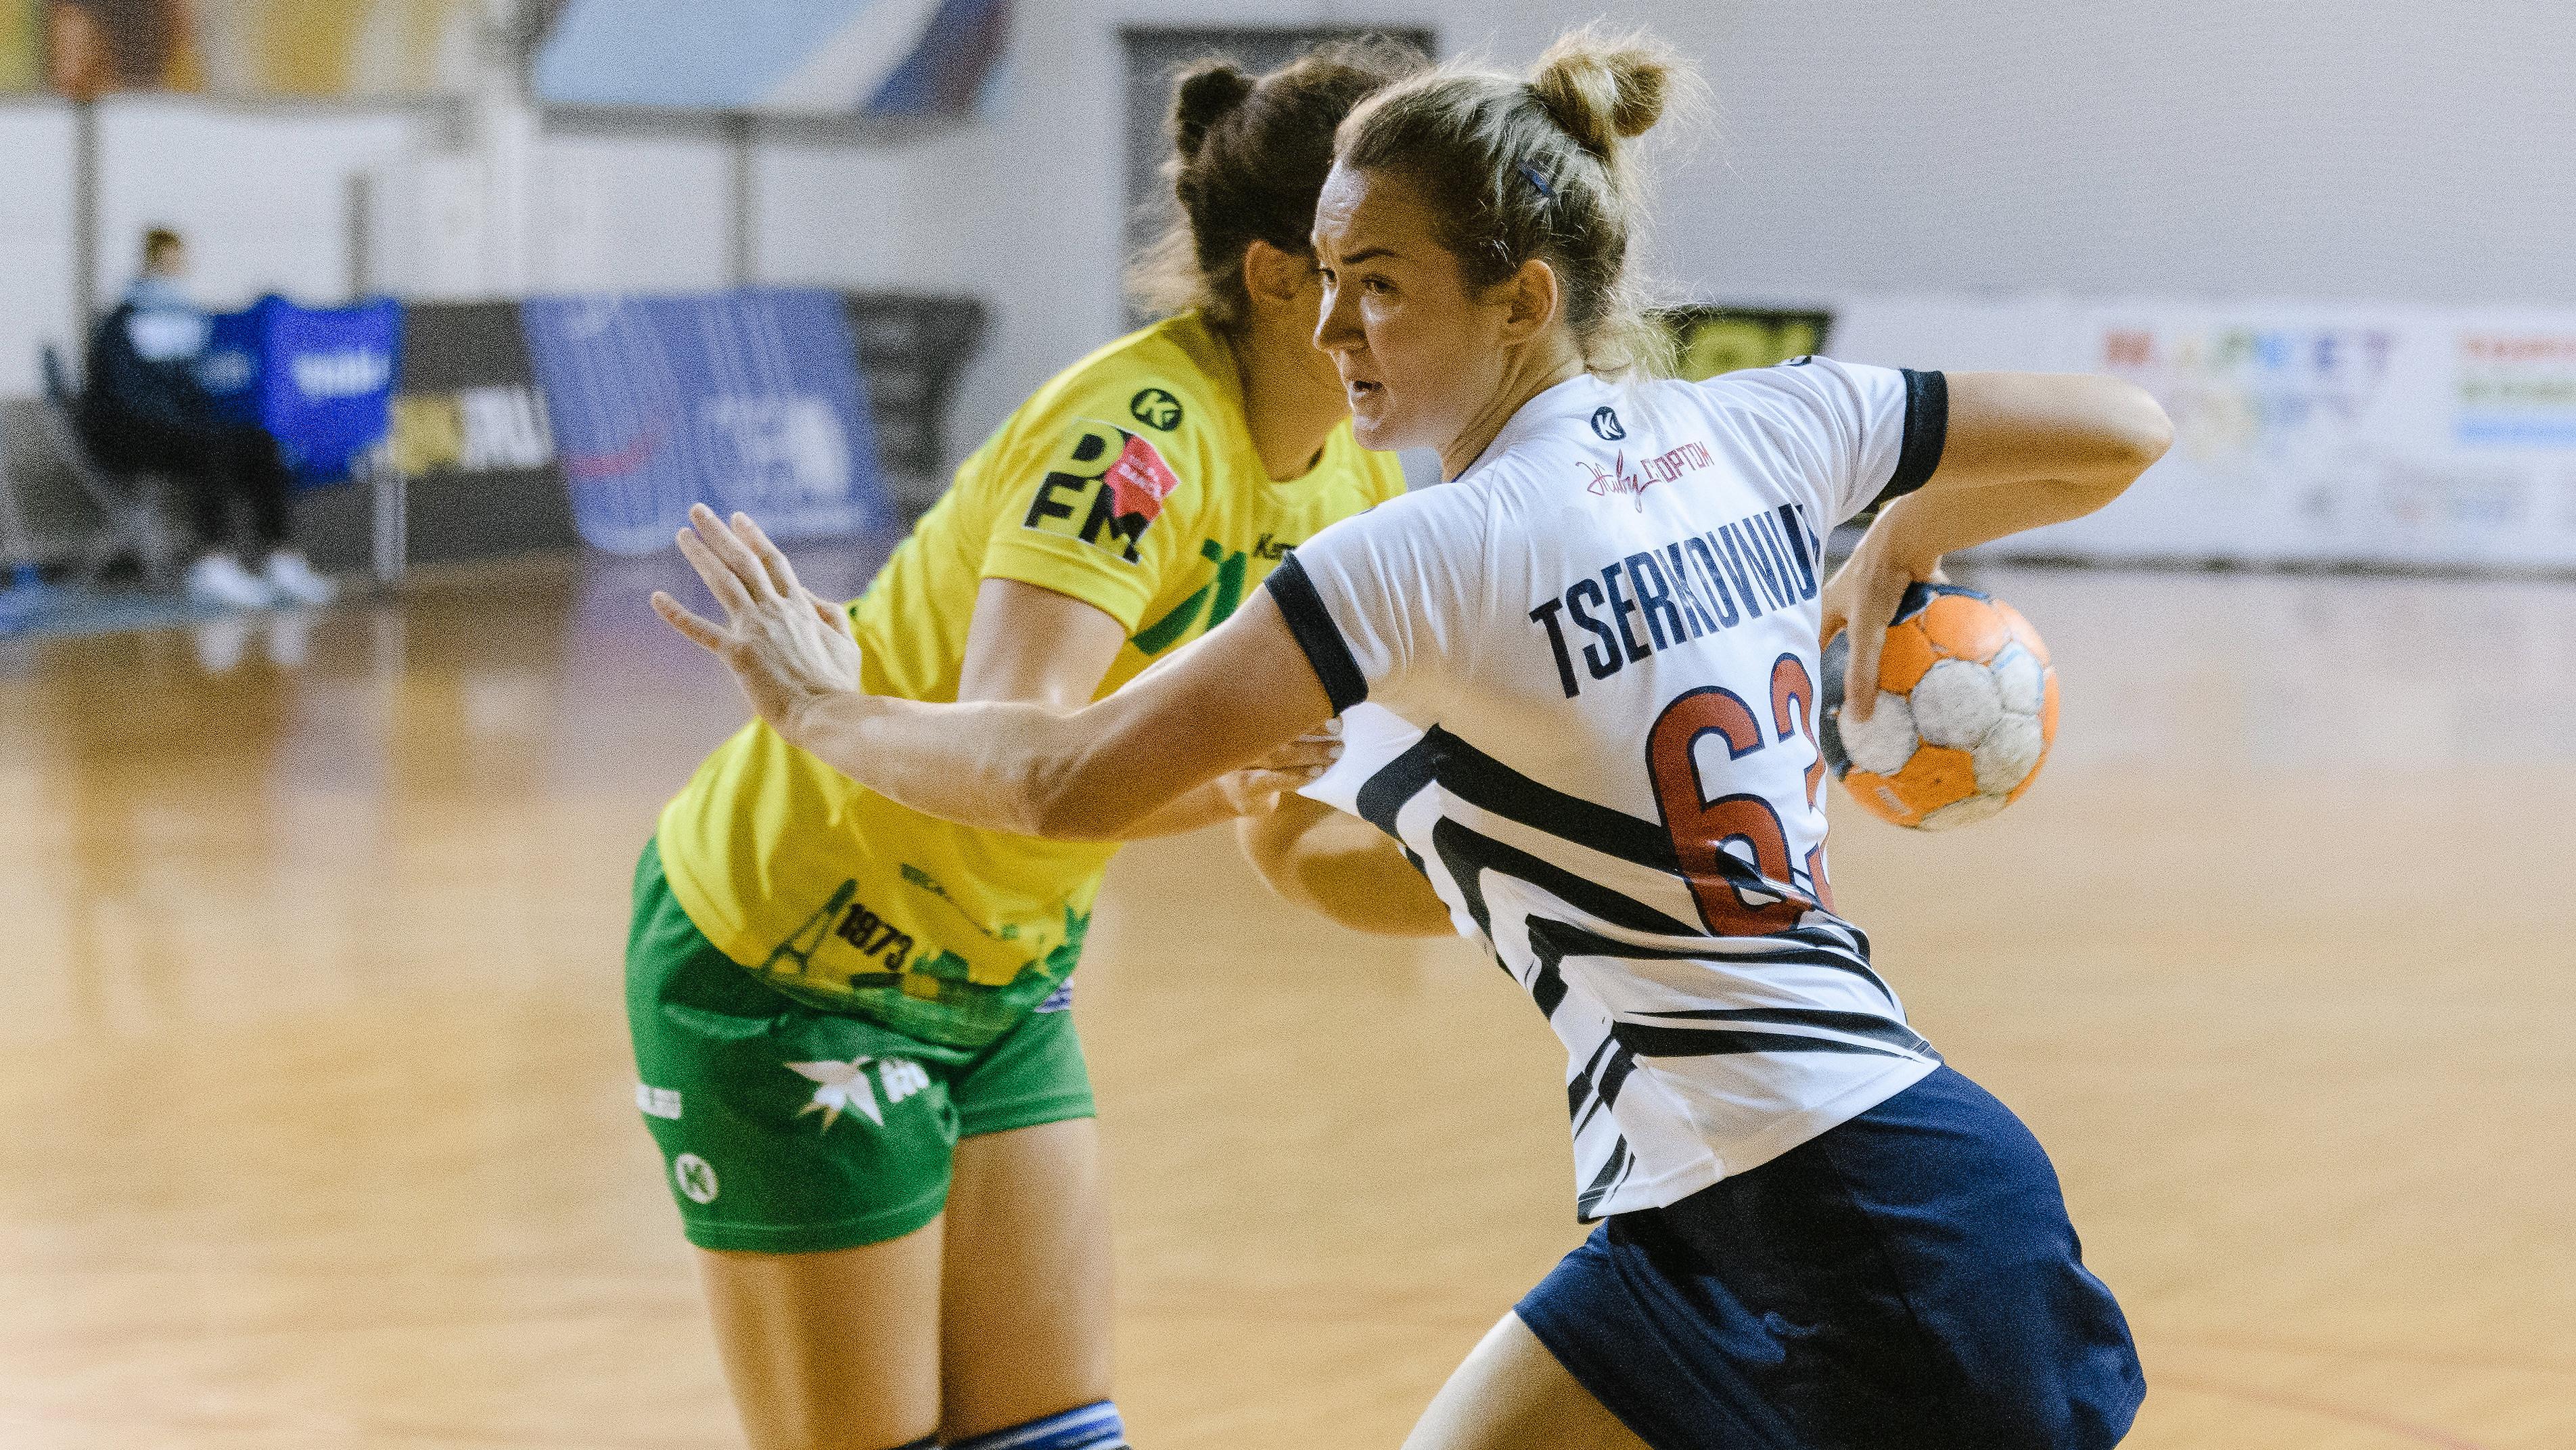 Подмосковные гандболистки победили команду из Краснодара в чемпионате России